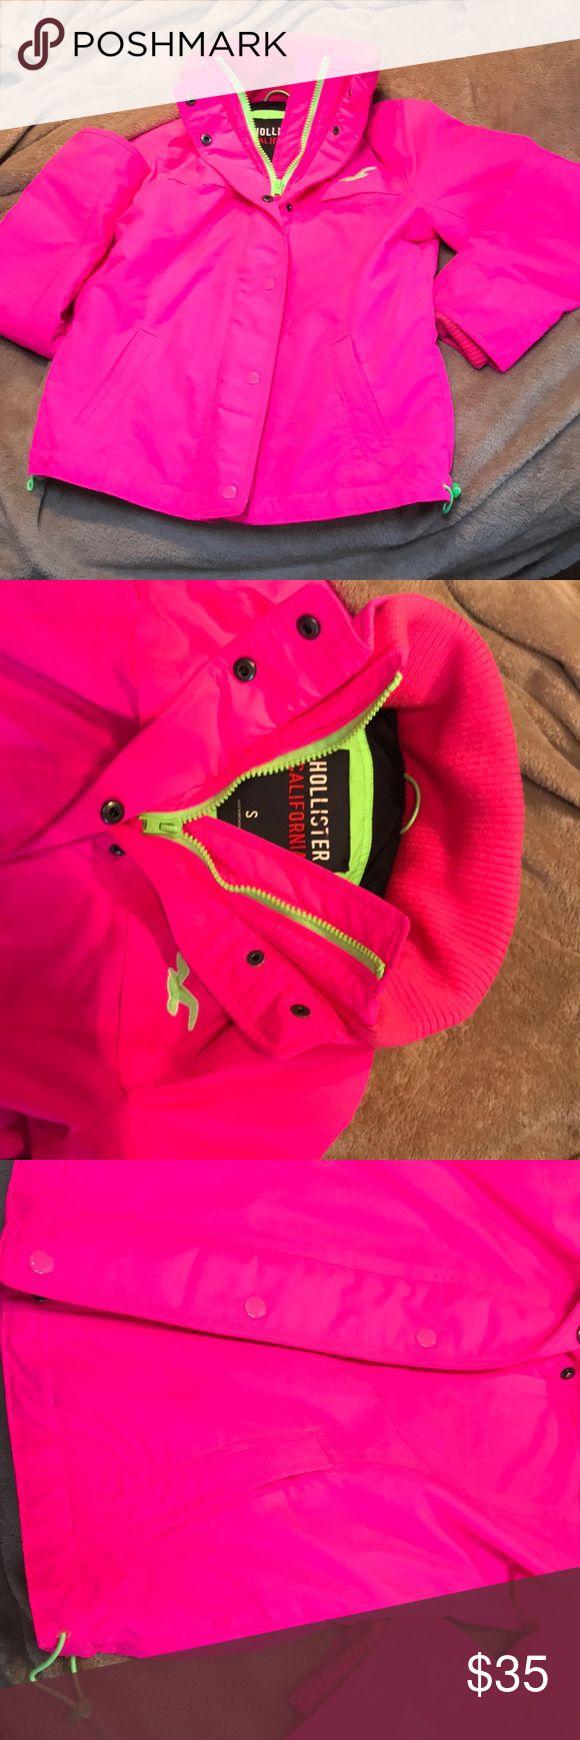 Hollister jacket Pink hollister jacket no major wear Hollister Jackets & Coats Puffers